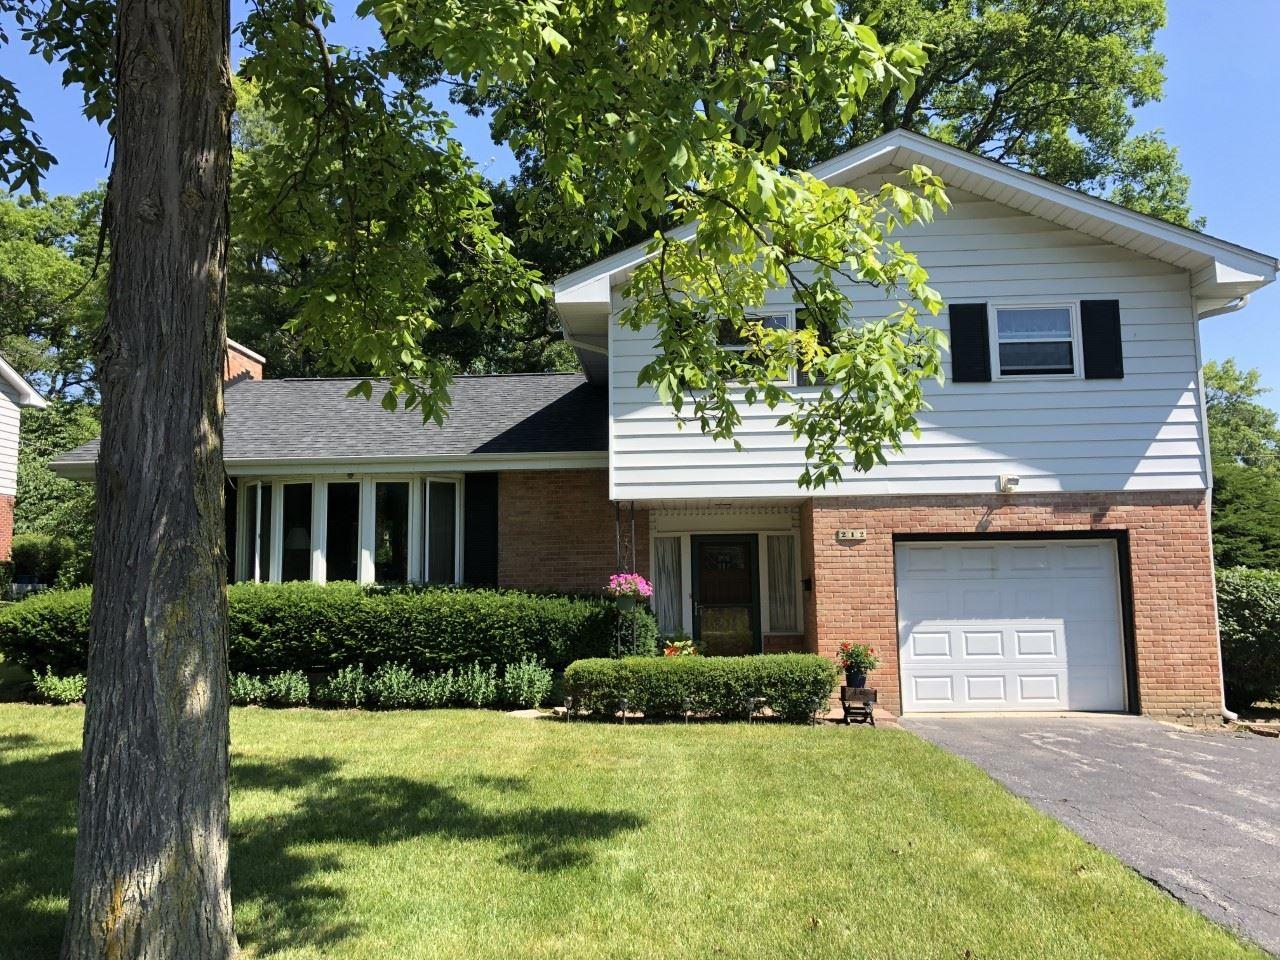 212 W Scranton Avenue, Lake Bluff, IL 60044 - MLS#: 10802200